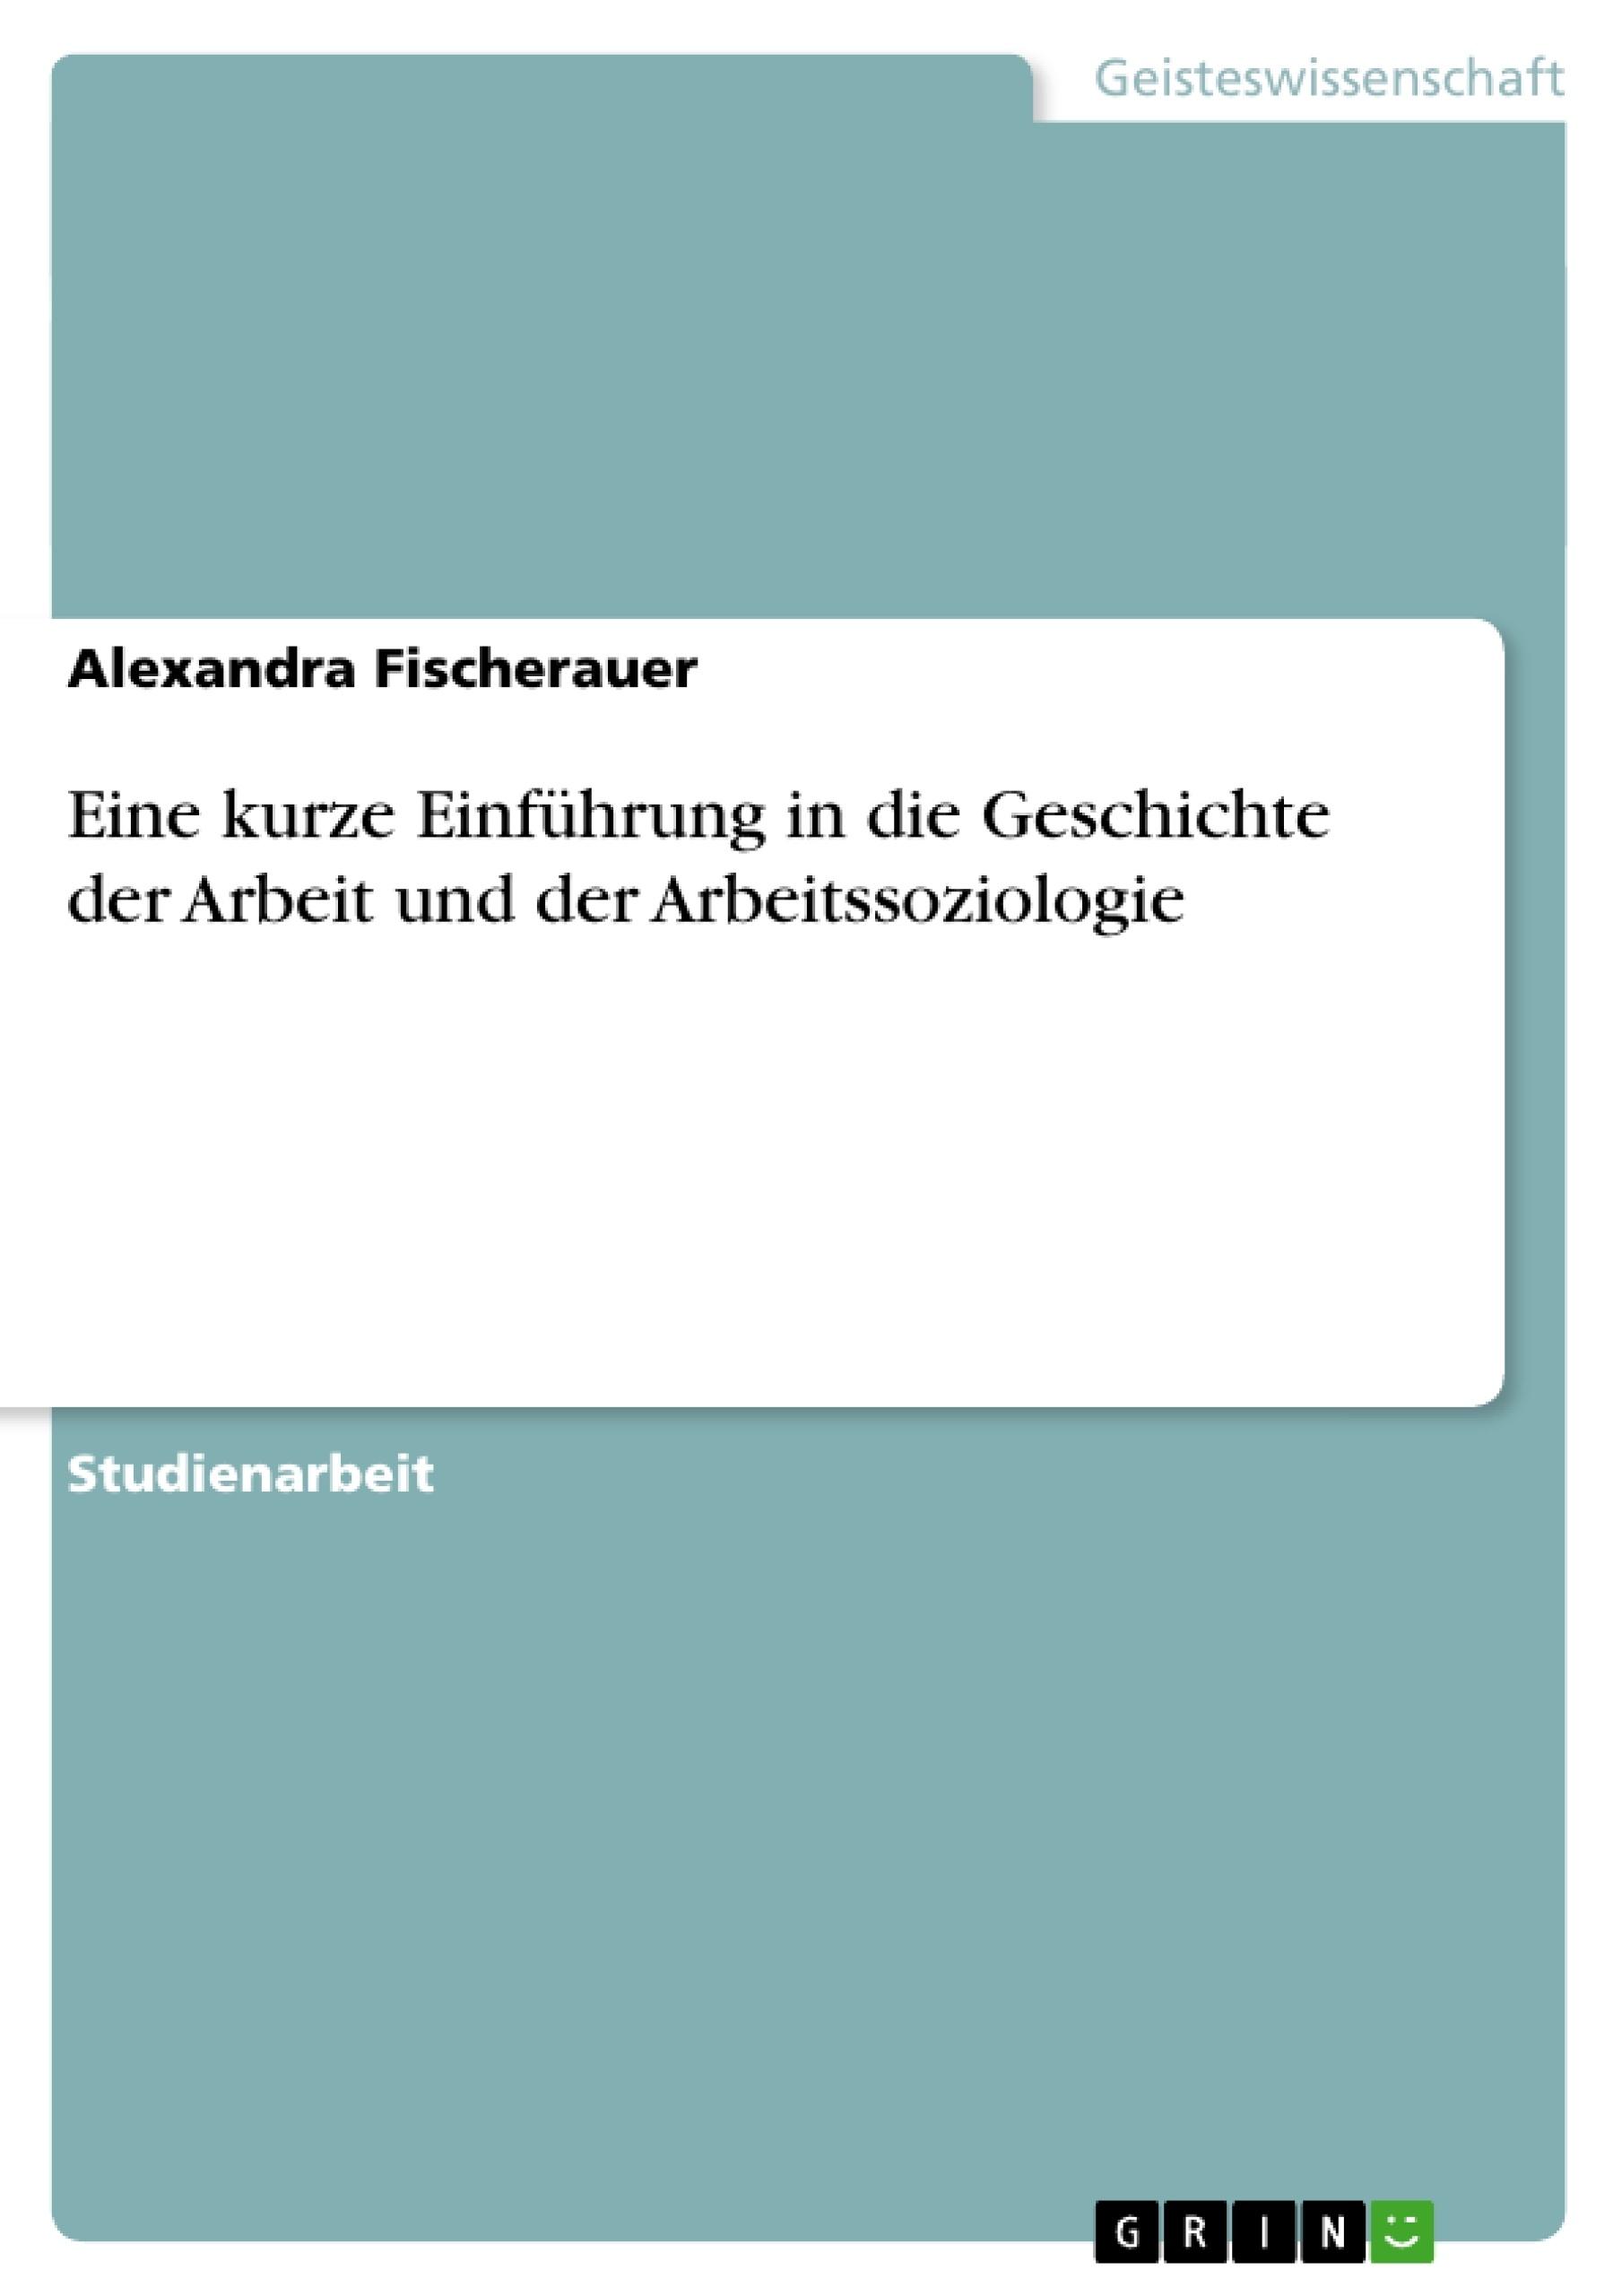 Titel: Eine kurze Einführung in die Geschichte der Arbeit und der Arbeitssoziologie